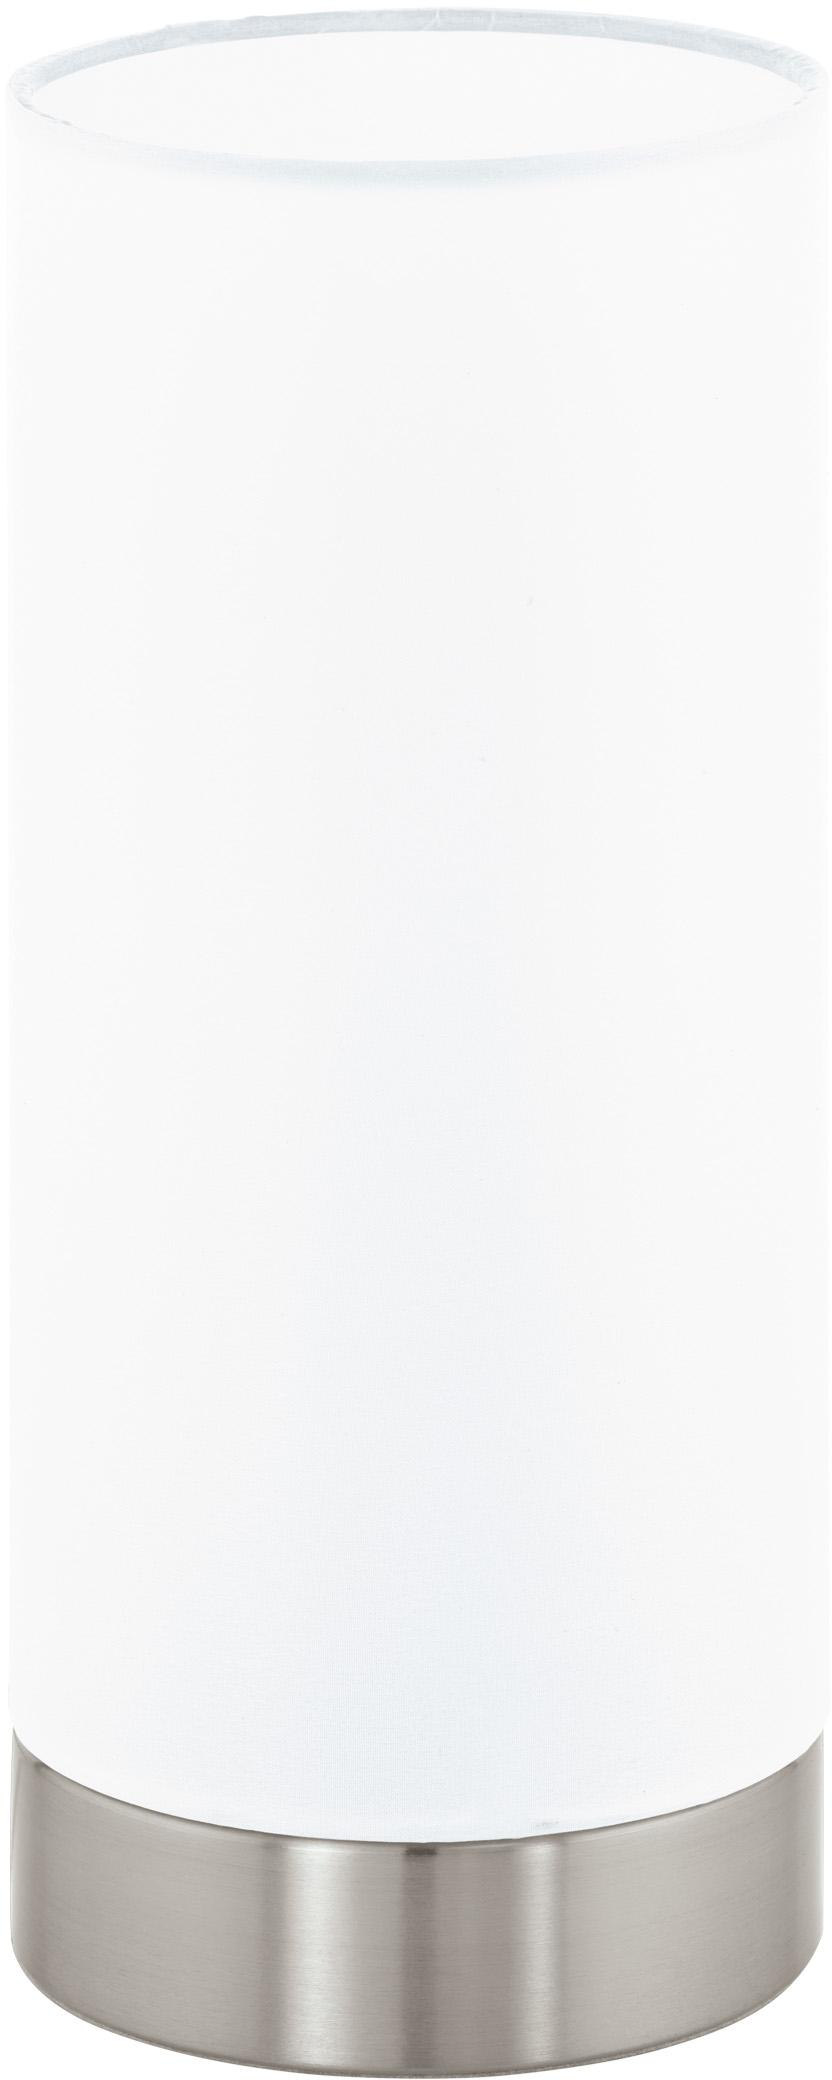 Lampada da tavolo dimmerabile Pasteri, Paralume: poliestere, Base della lampada: acciaio nichelato, Bianco, nichel, Ø 12 x Alt. 26 cm